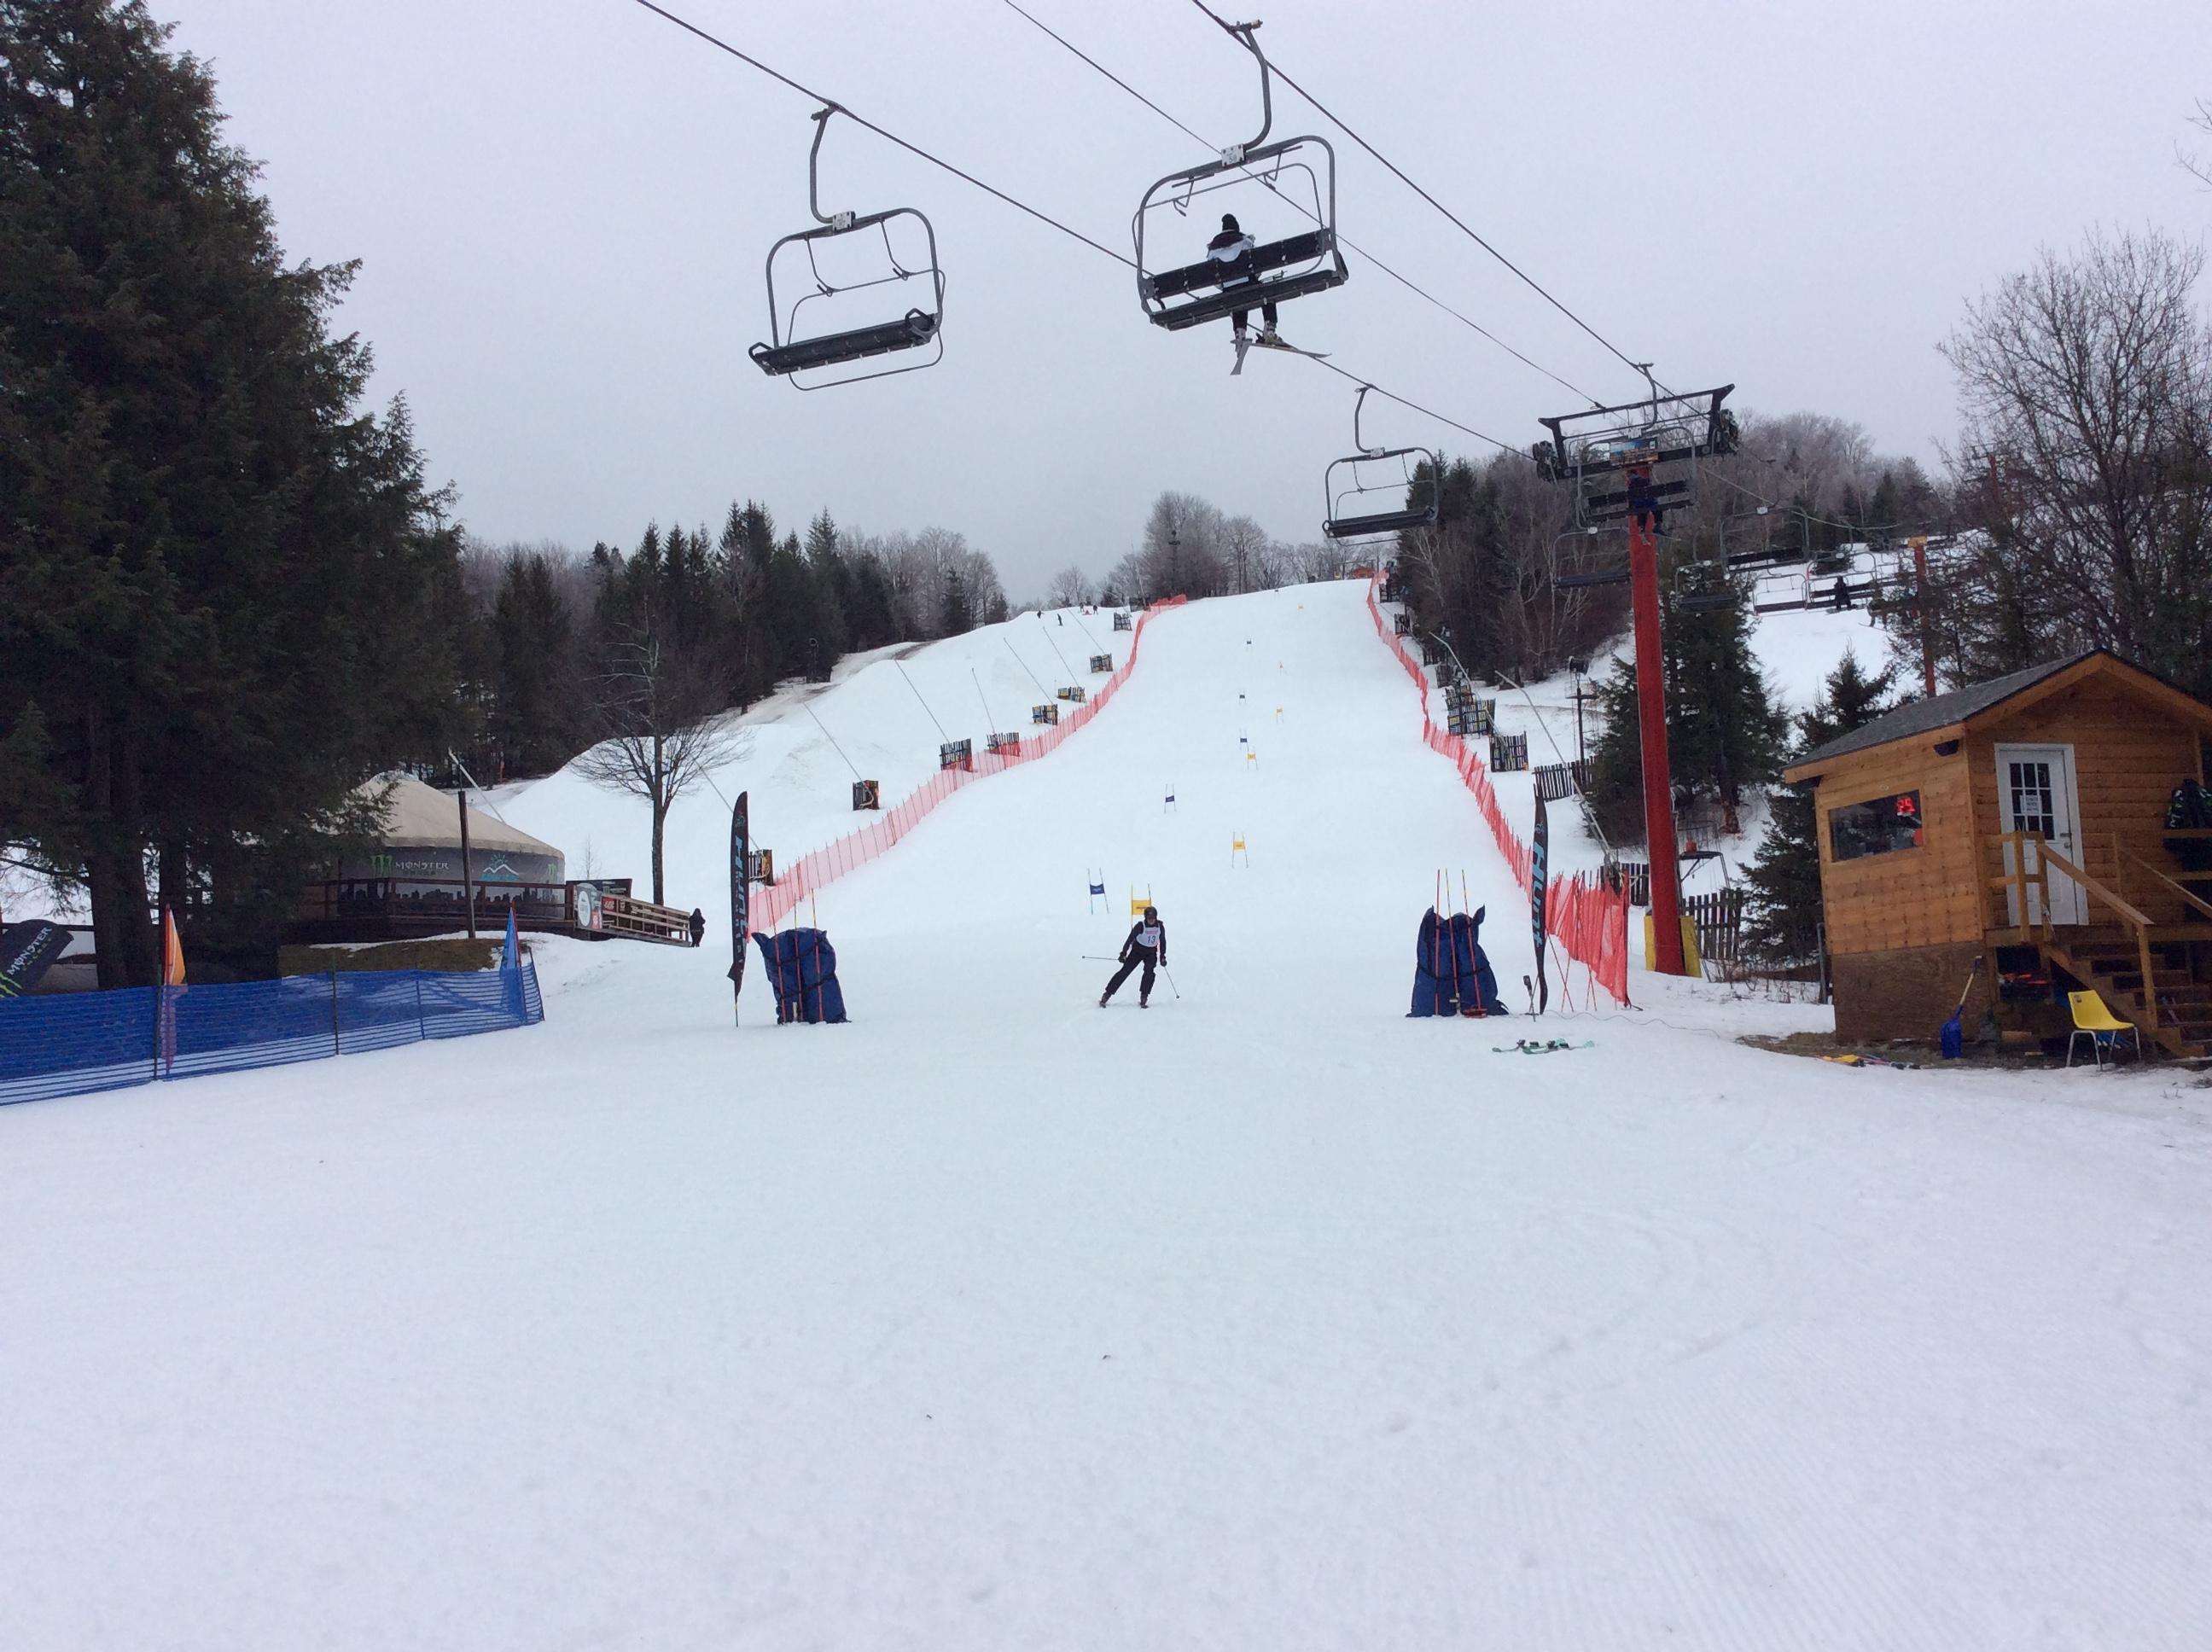 nypd-ski-club_32018685630_o